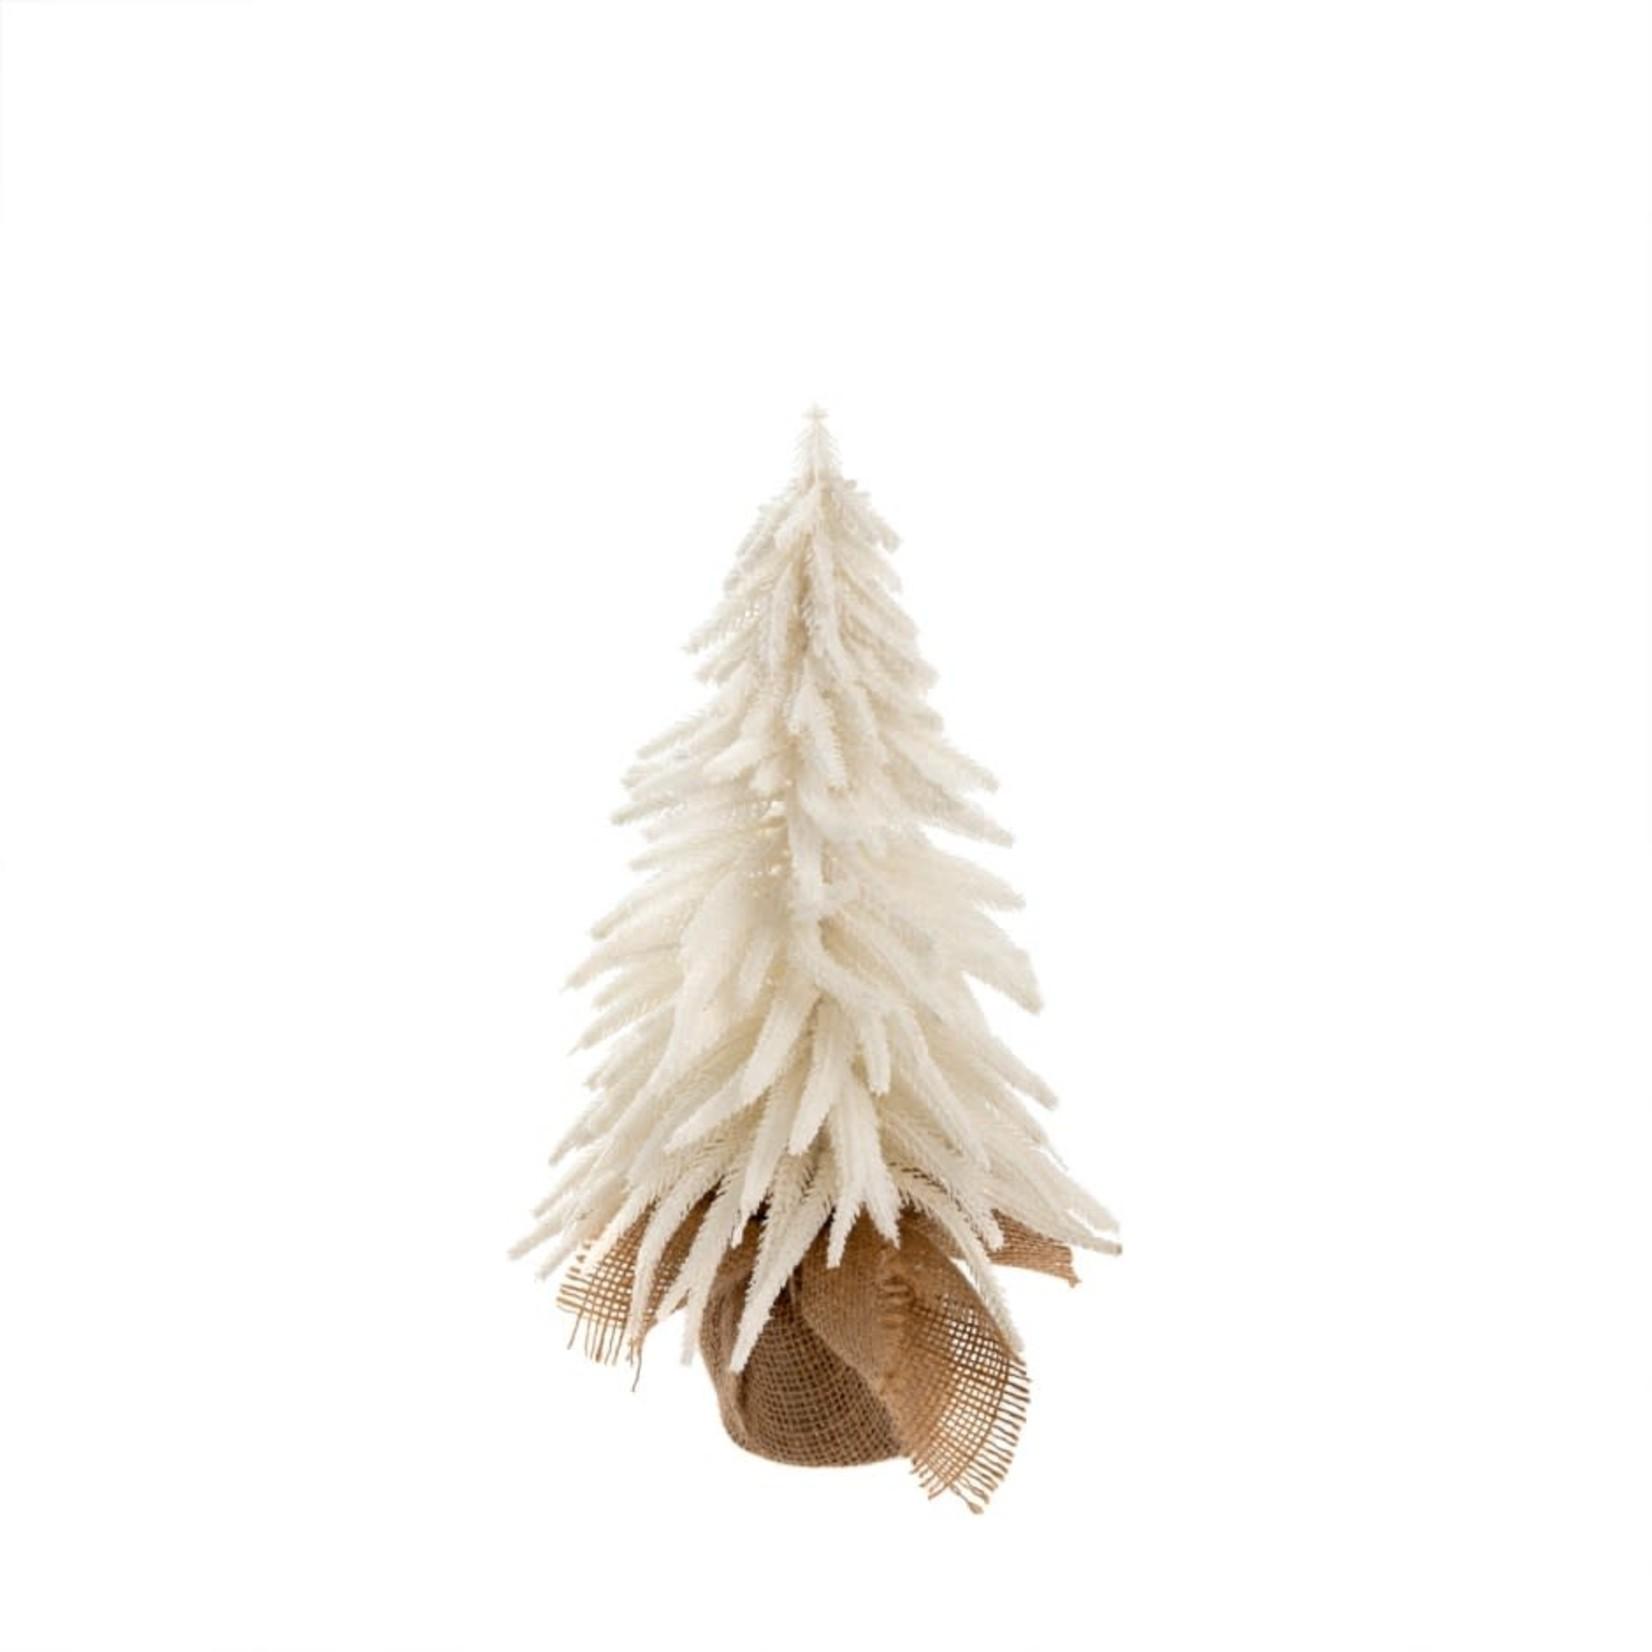 Festive Fir Tree